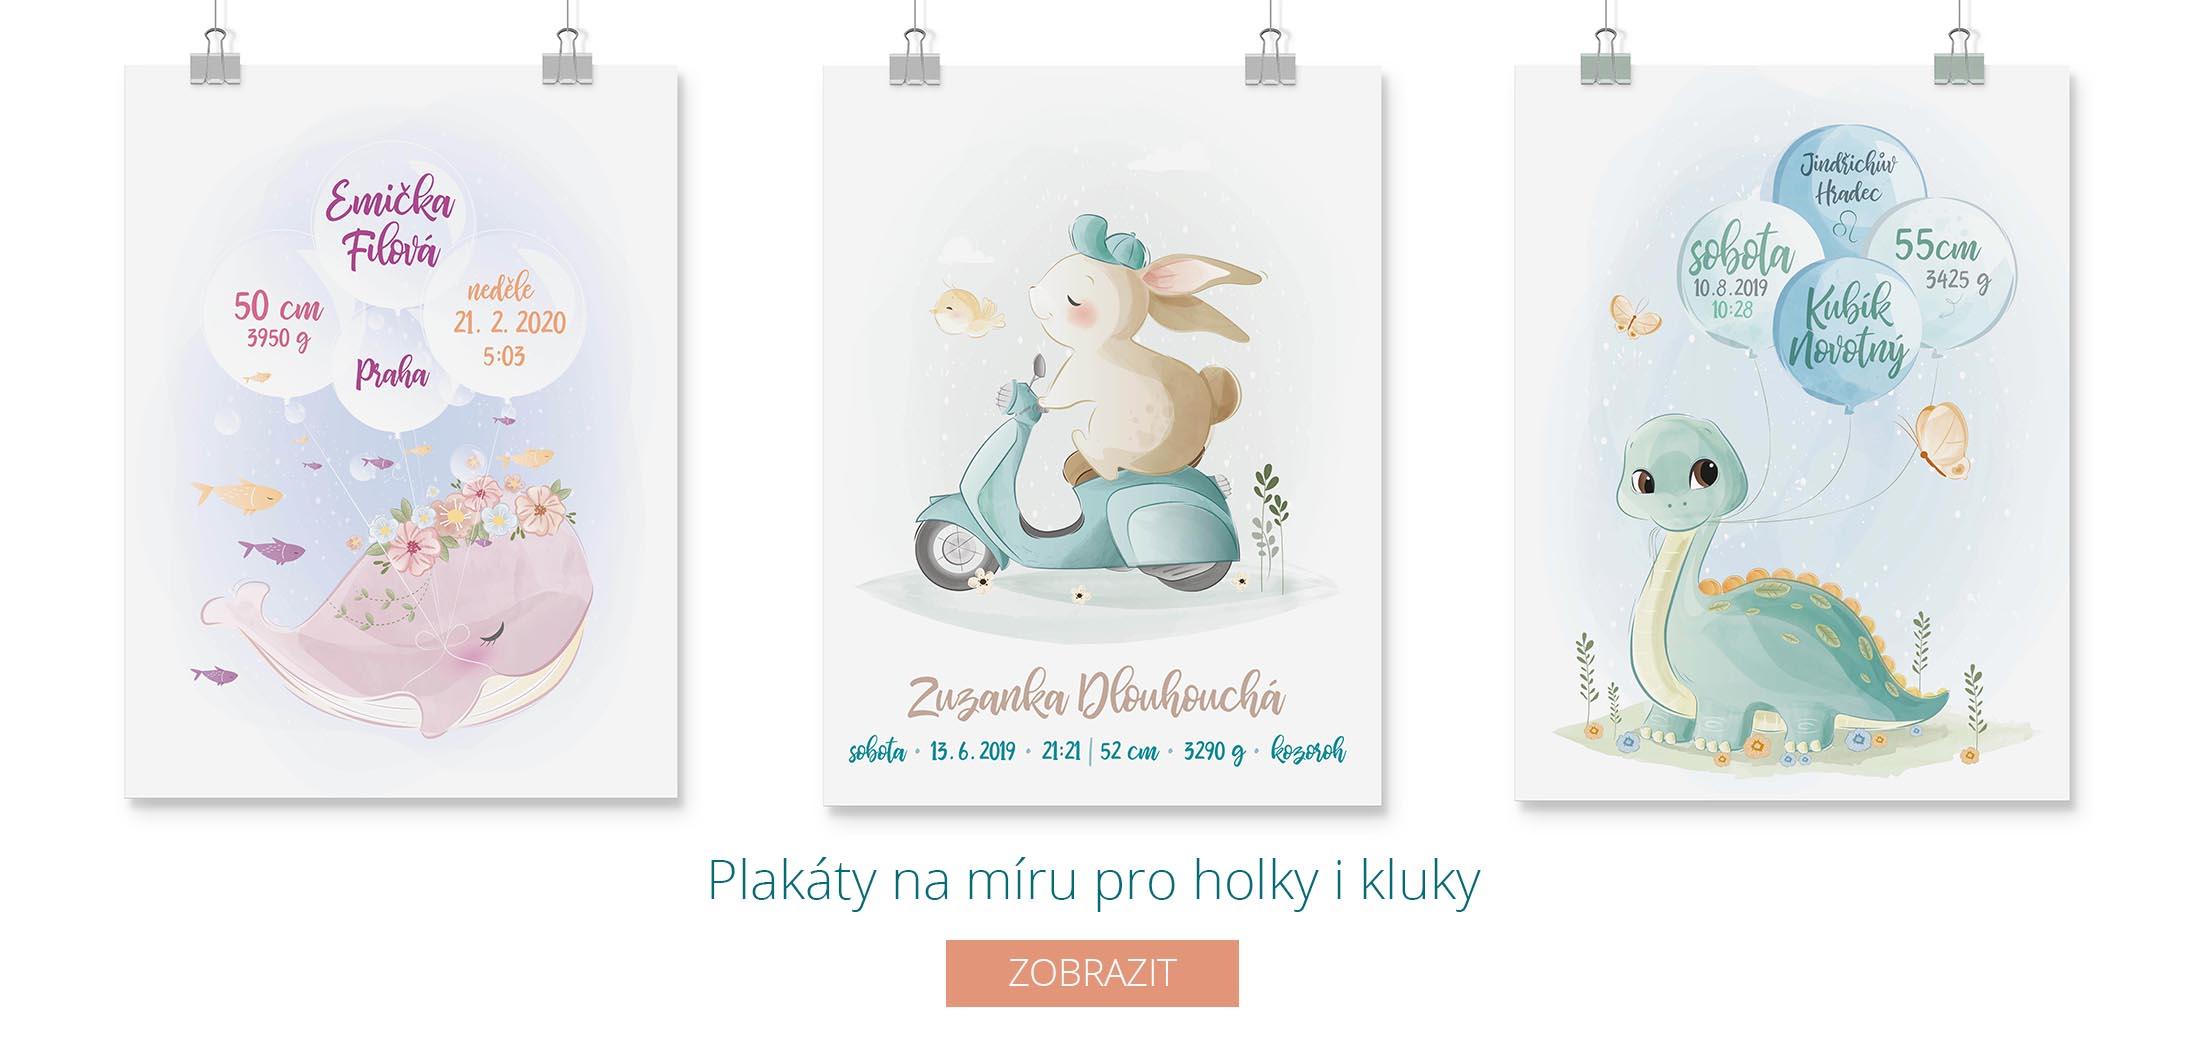 Plakáty na míru